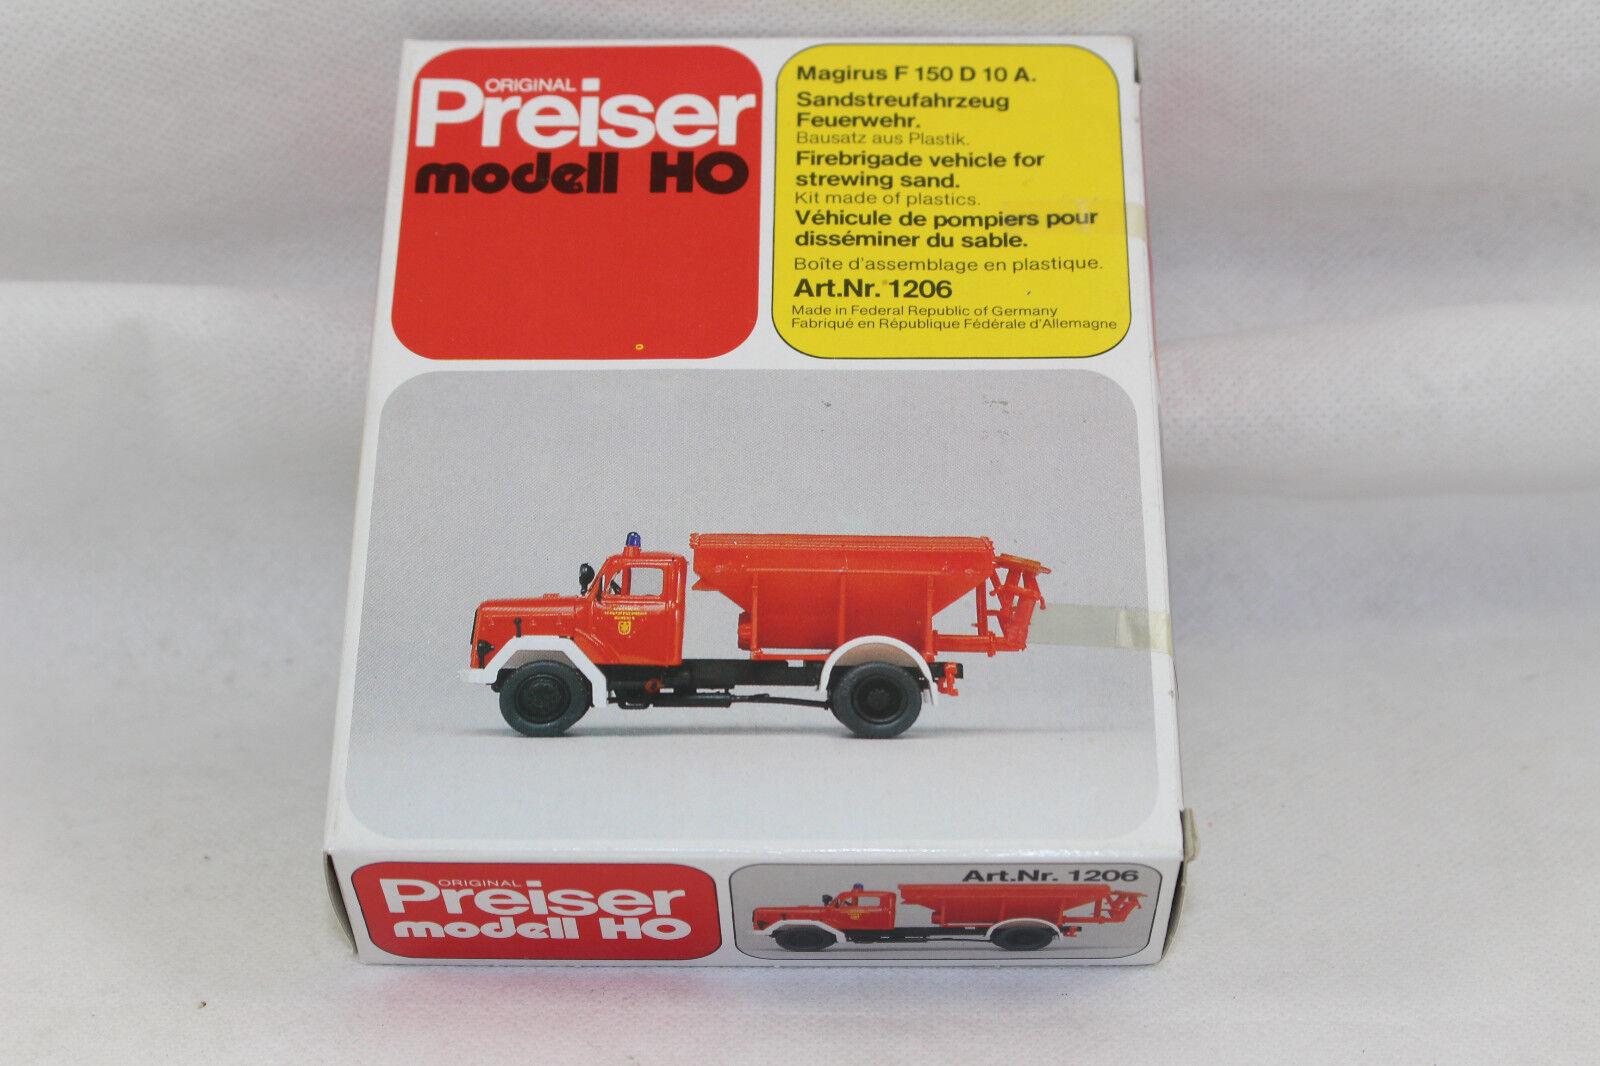 Bx1288, Preiser 1206 Bausatz Magirus F 150 D 10 A Feuerwehr Sandstreufahrzeug